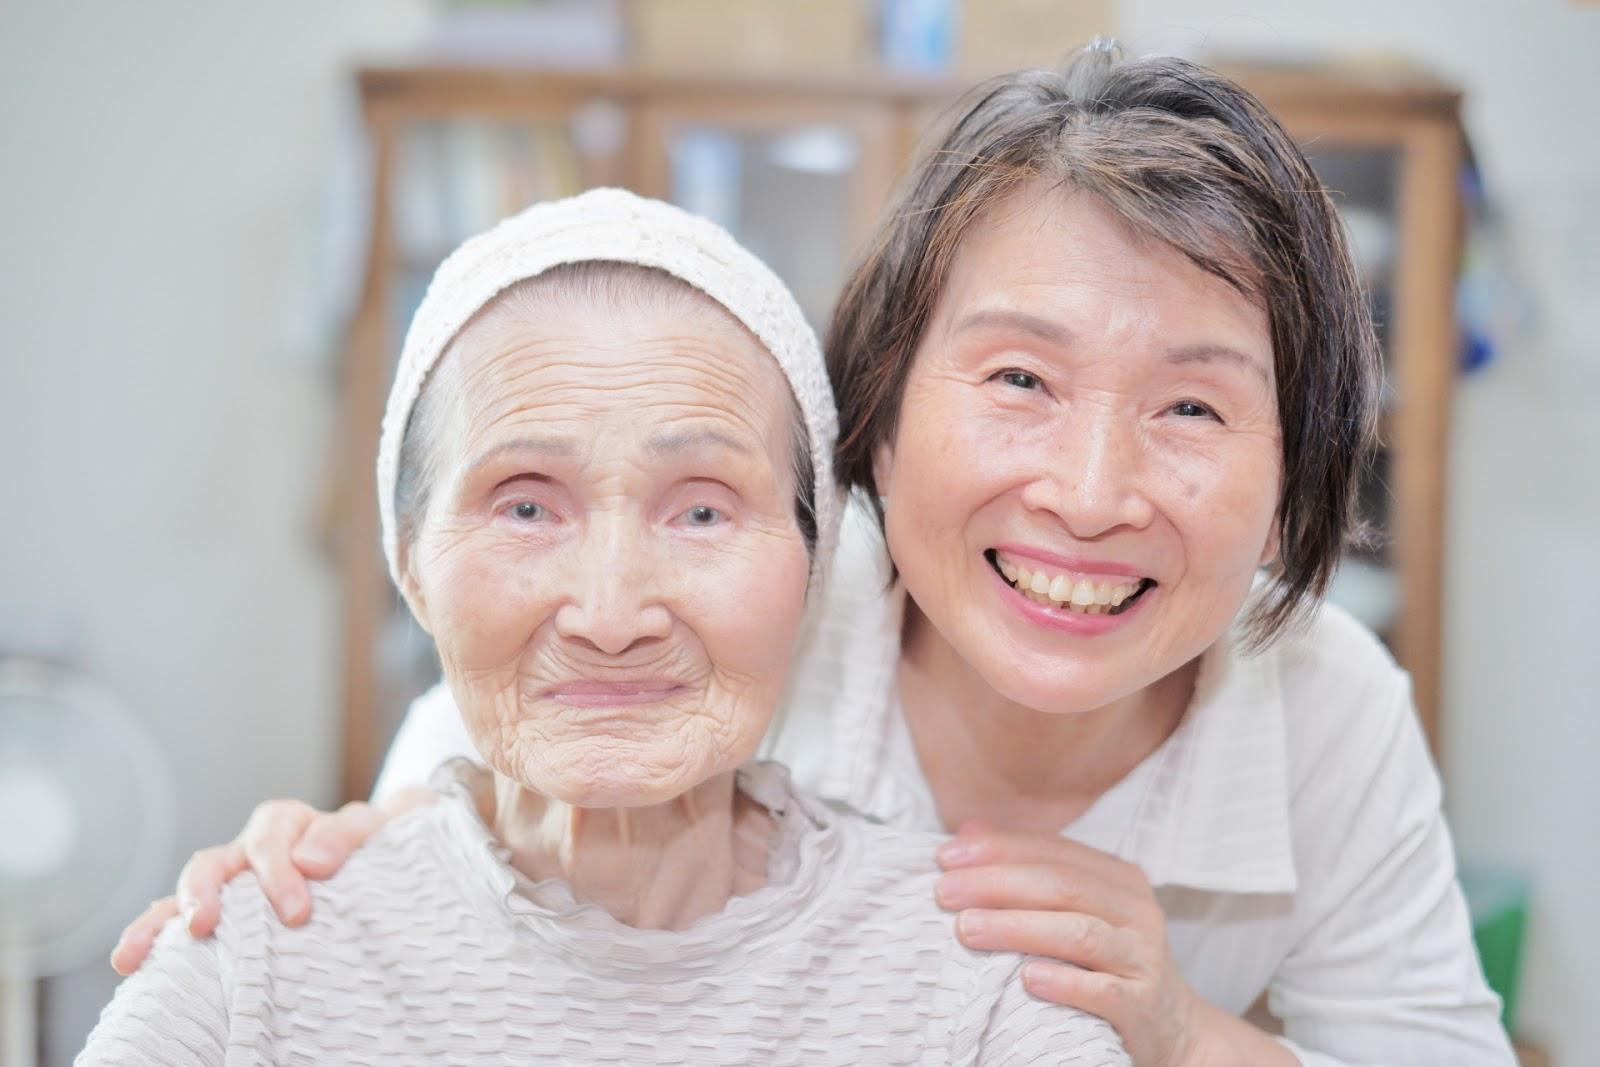 老老介護を共倒れの序章にしたくない!知っておきたい予防策と対応策